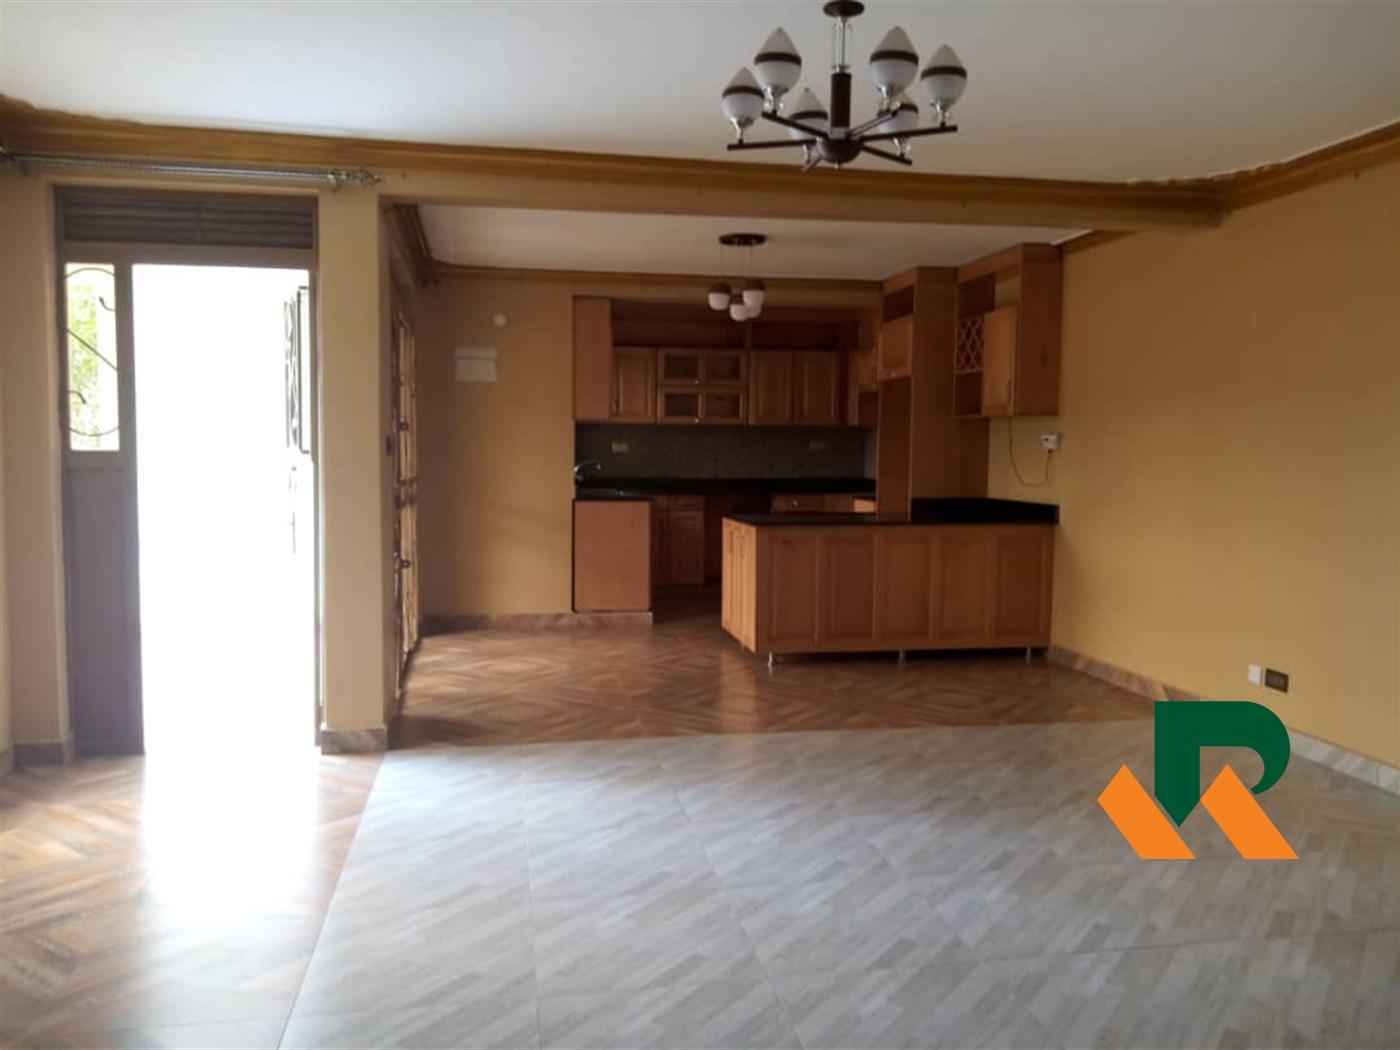 Apartment block for sale in Ntinda Kampala